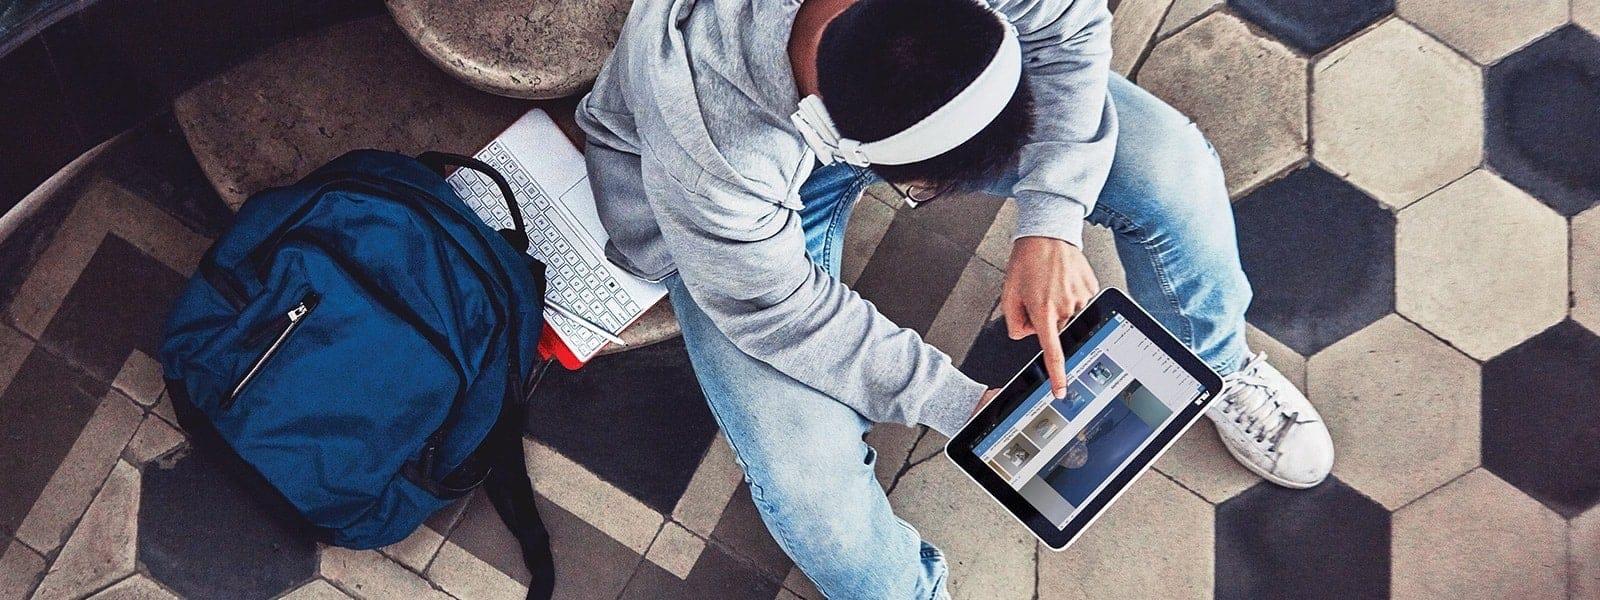 Sinh viên đang nhìn vào thiết bị chạy Windows 10